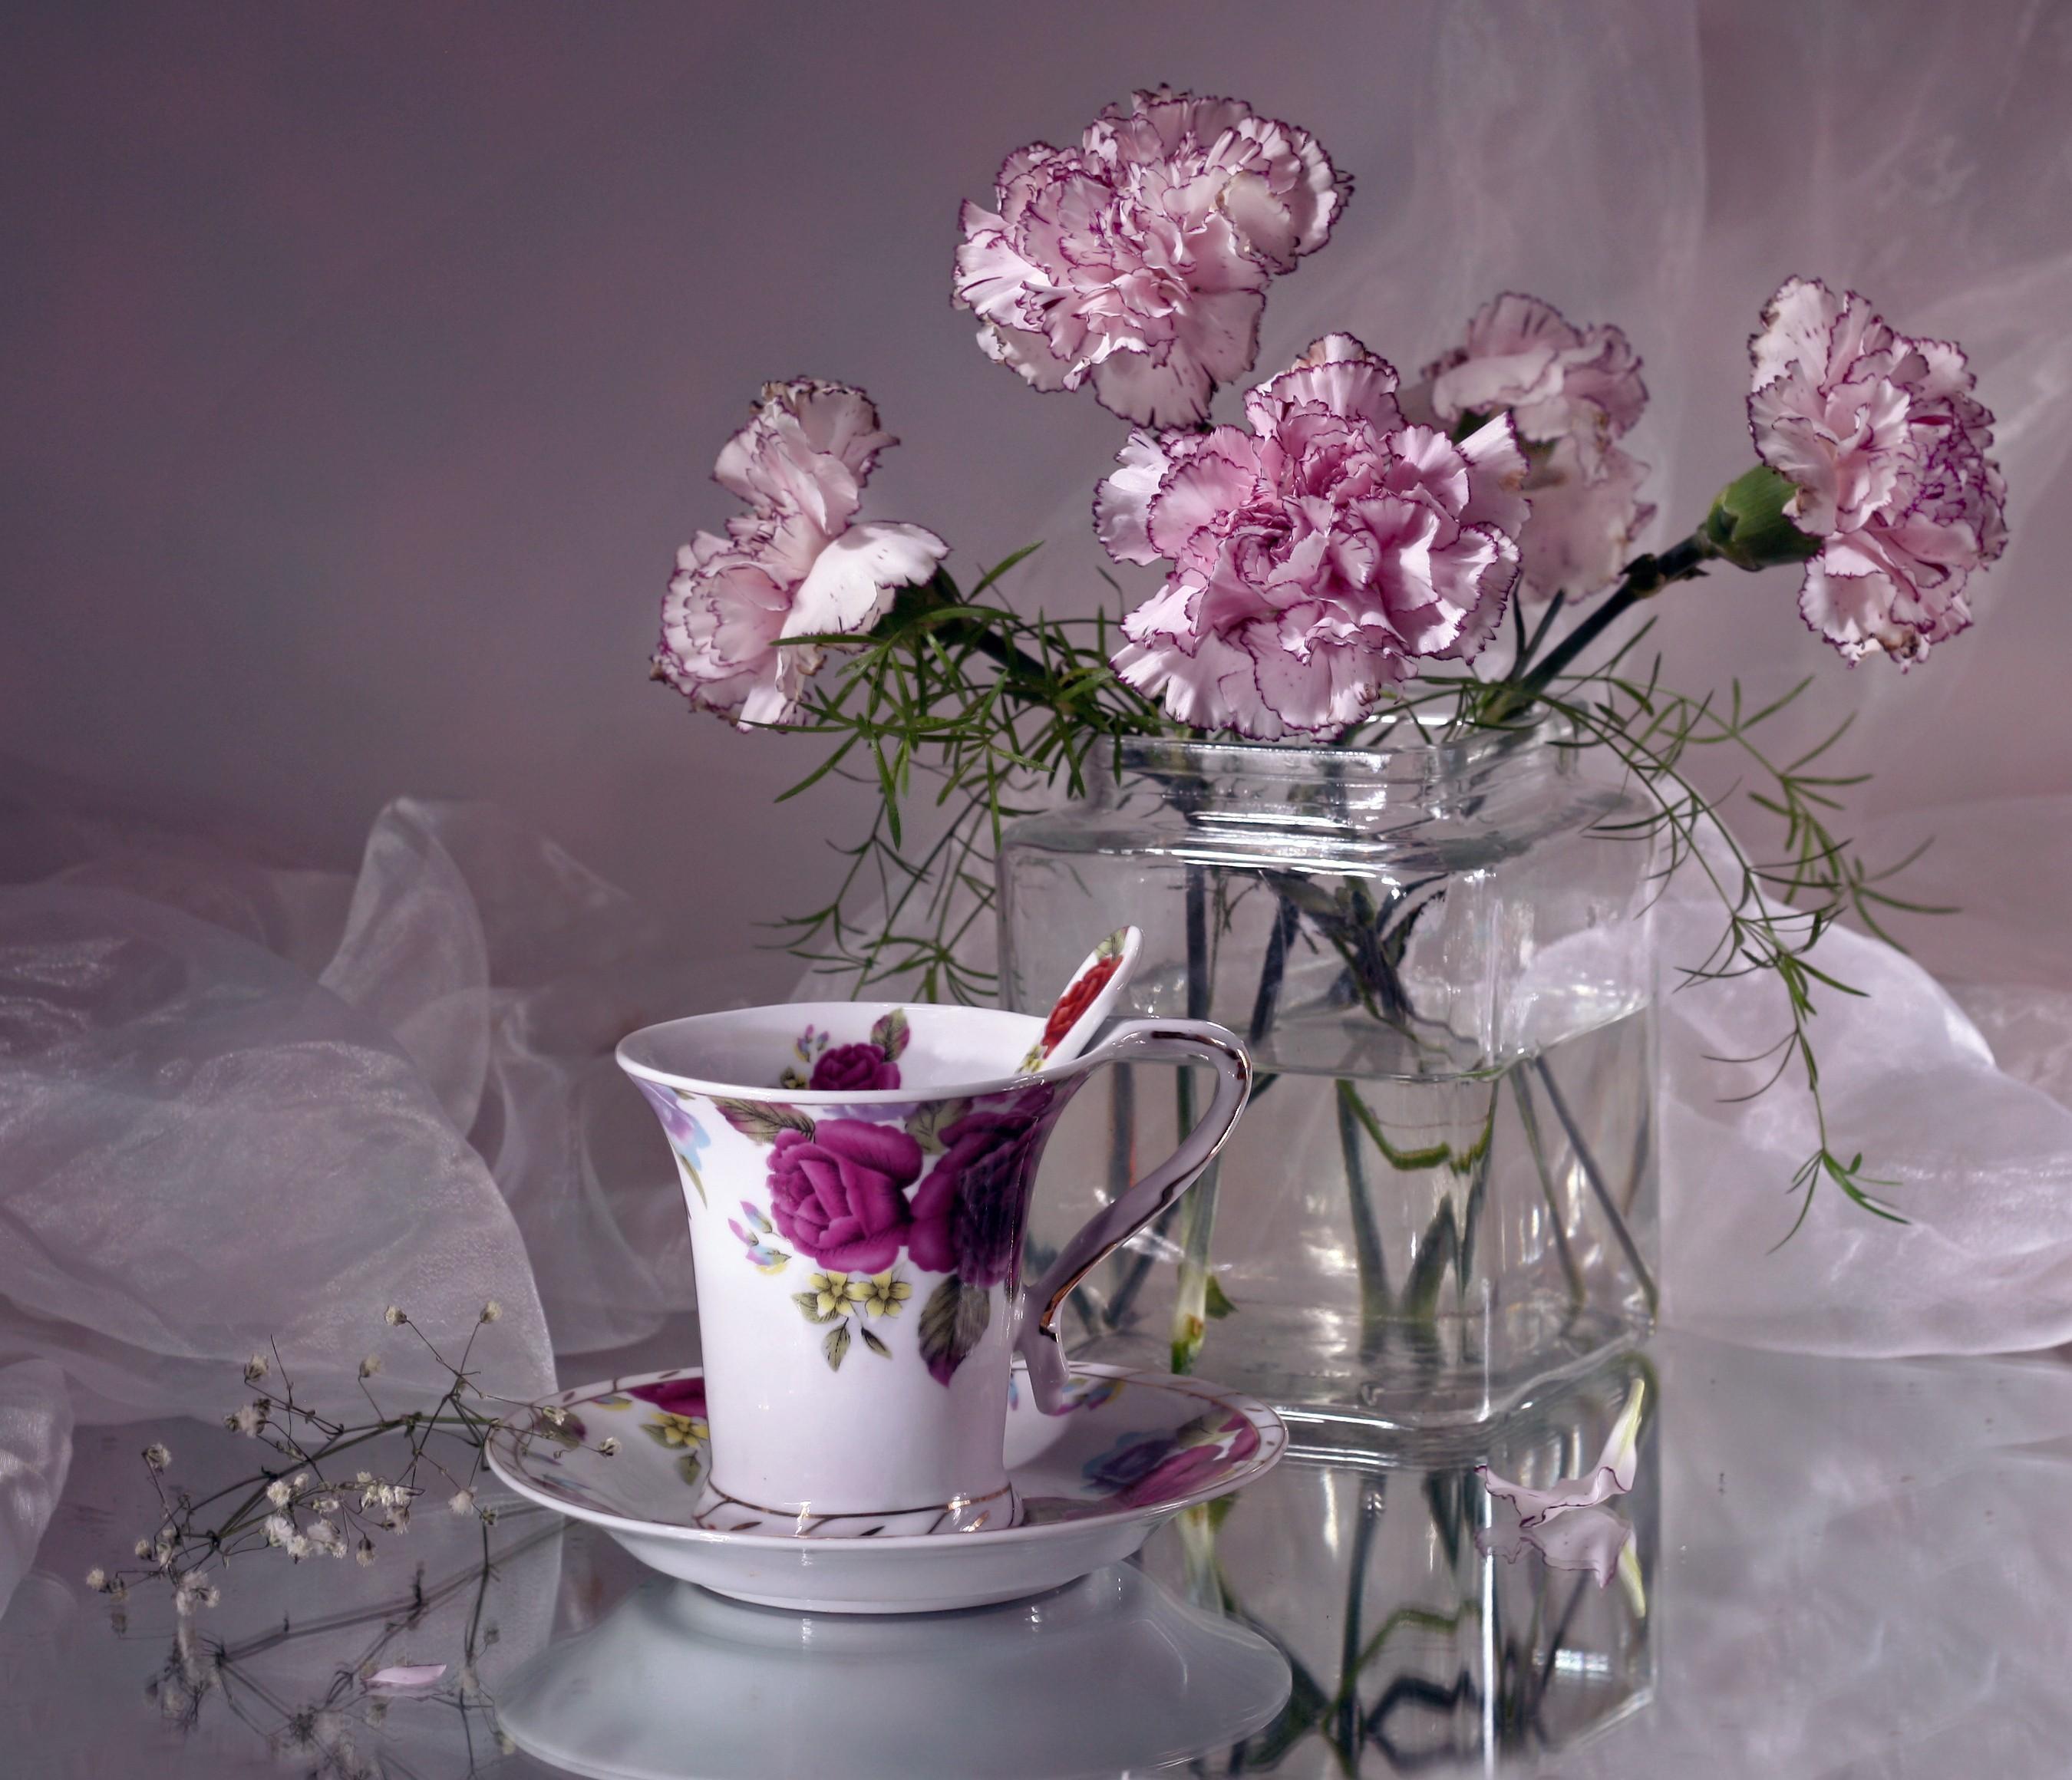 104639 Заставки и Обои Гвоздики на телефон. Скачать Цветы, Гвоздики, Ваза, Чайная Пара картинки бесплатно